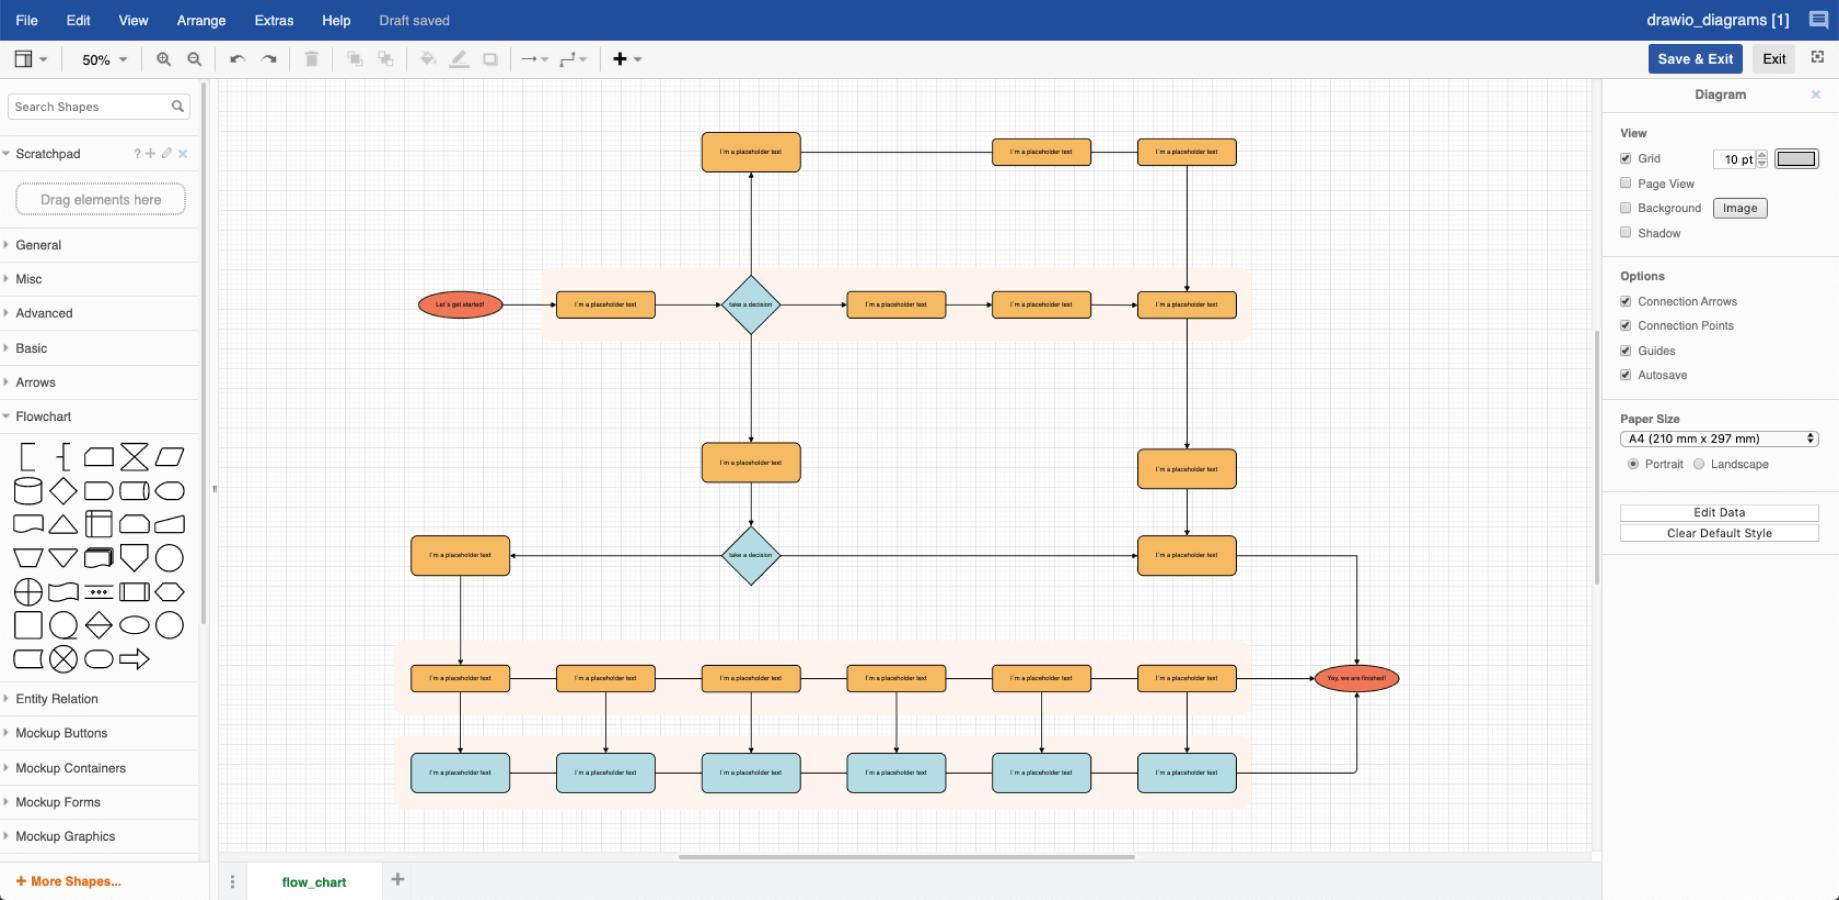 Exemple de diagramme de processus offert par Draw.io